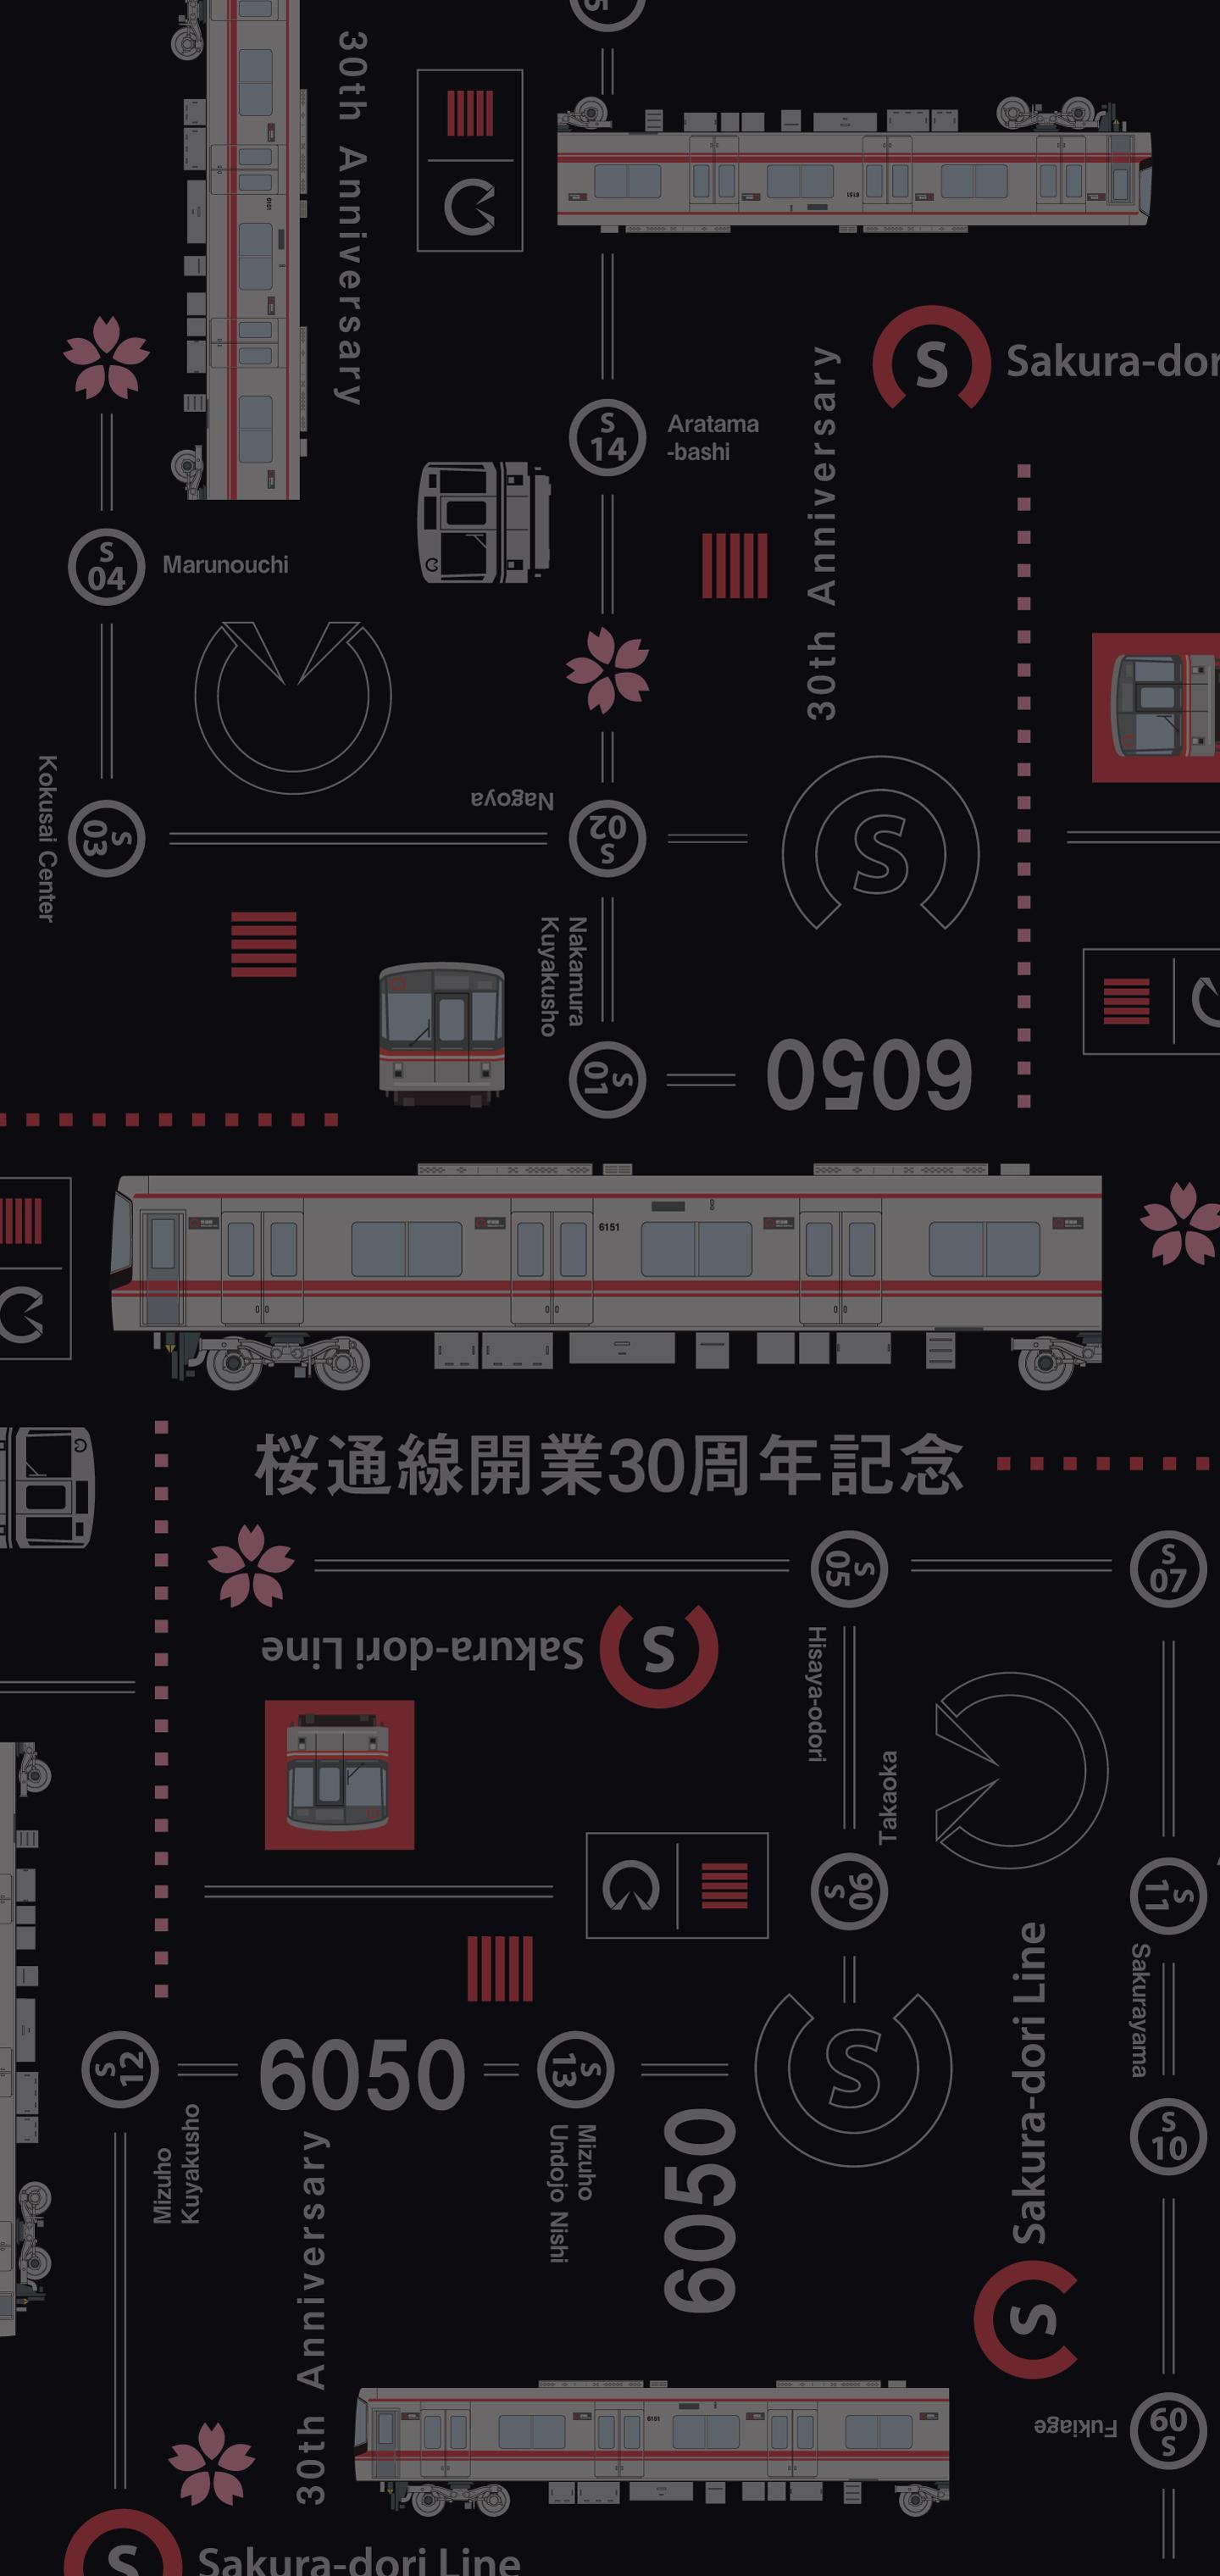 桜通線開業30周年記念壁紙 ダウンロードコーナー 写真 列車接近